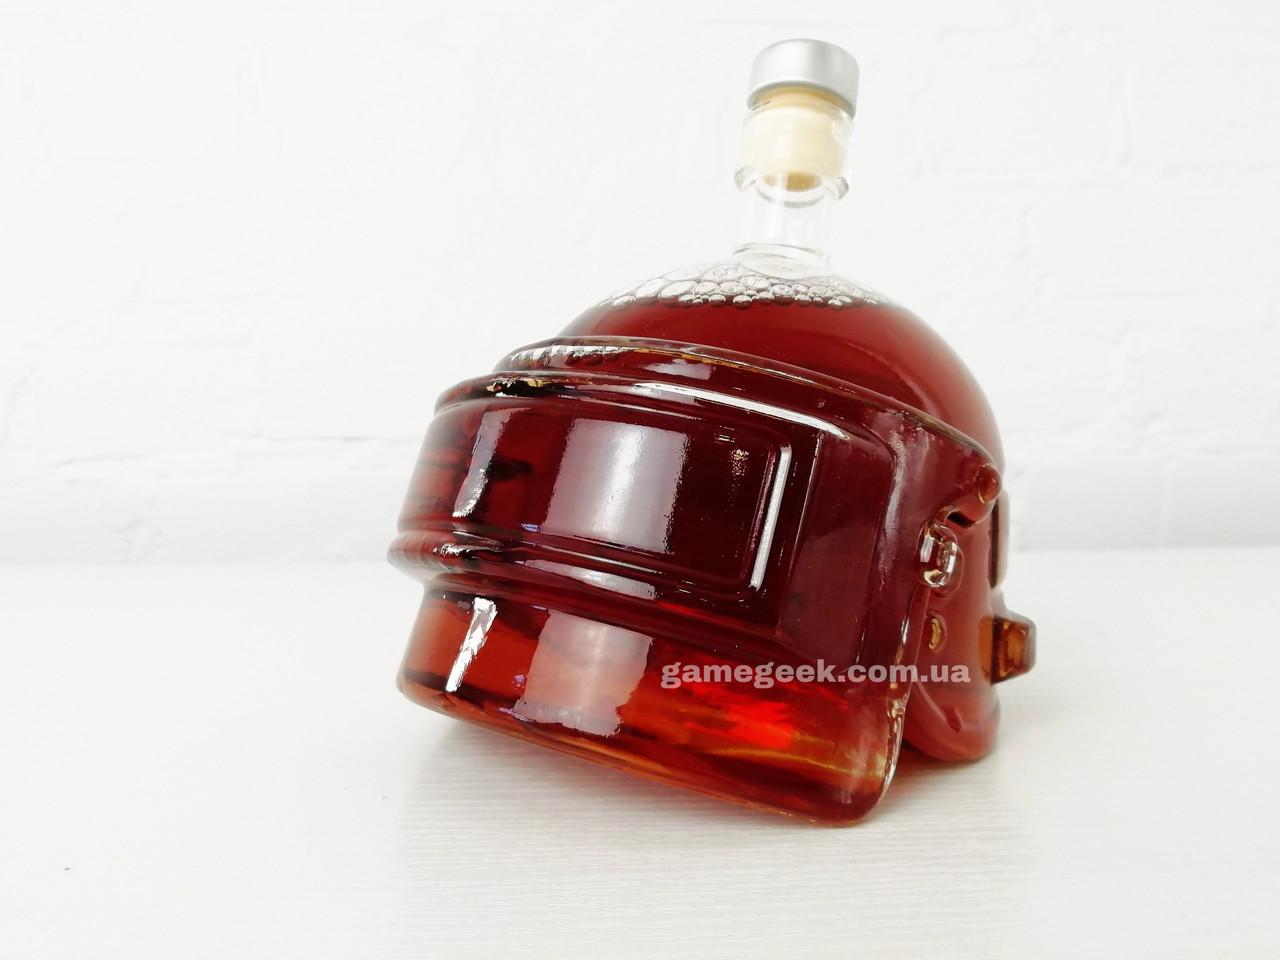 Графин в форме шлема из PUBG (650 мл)